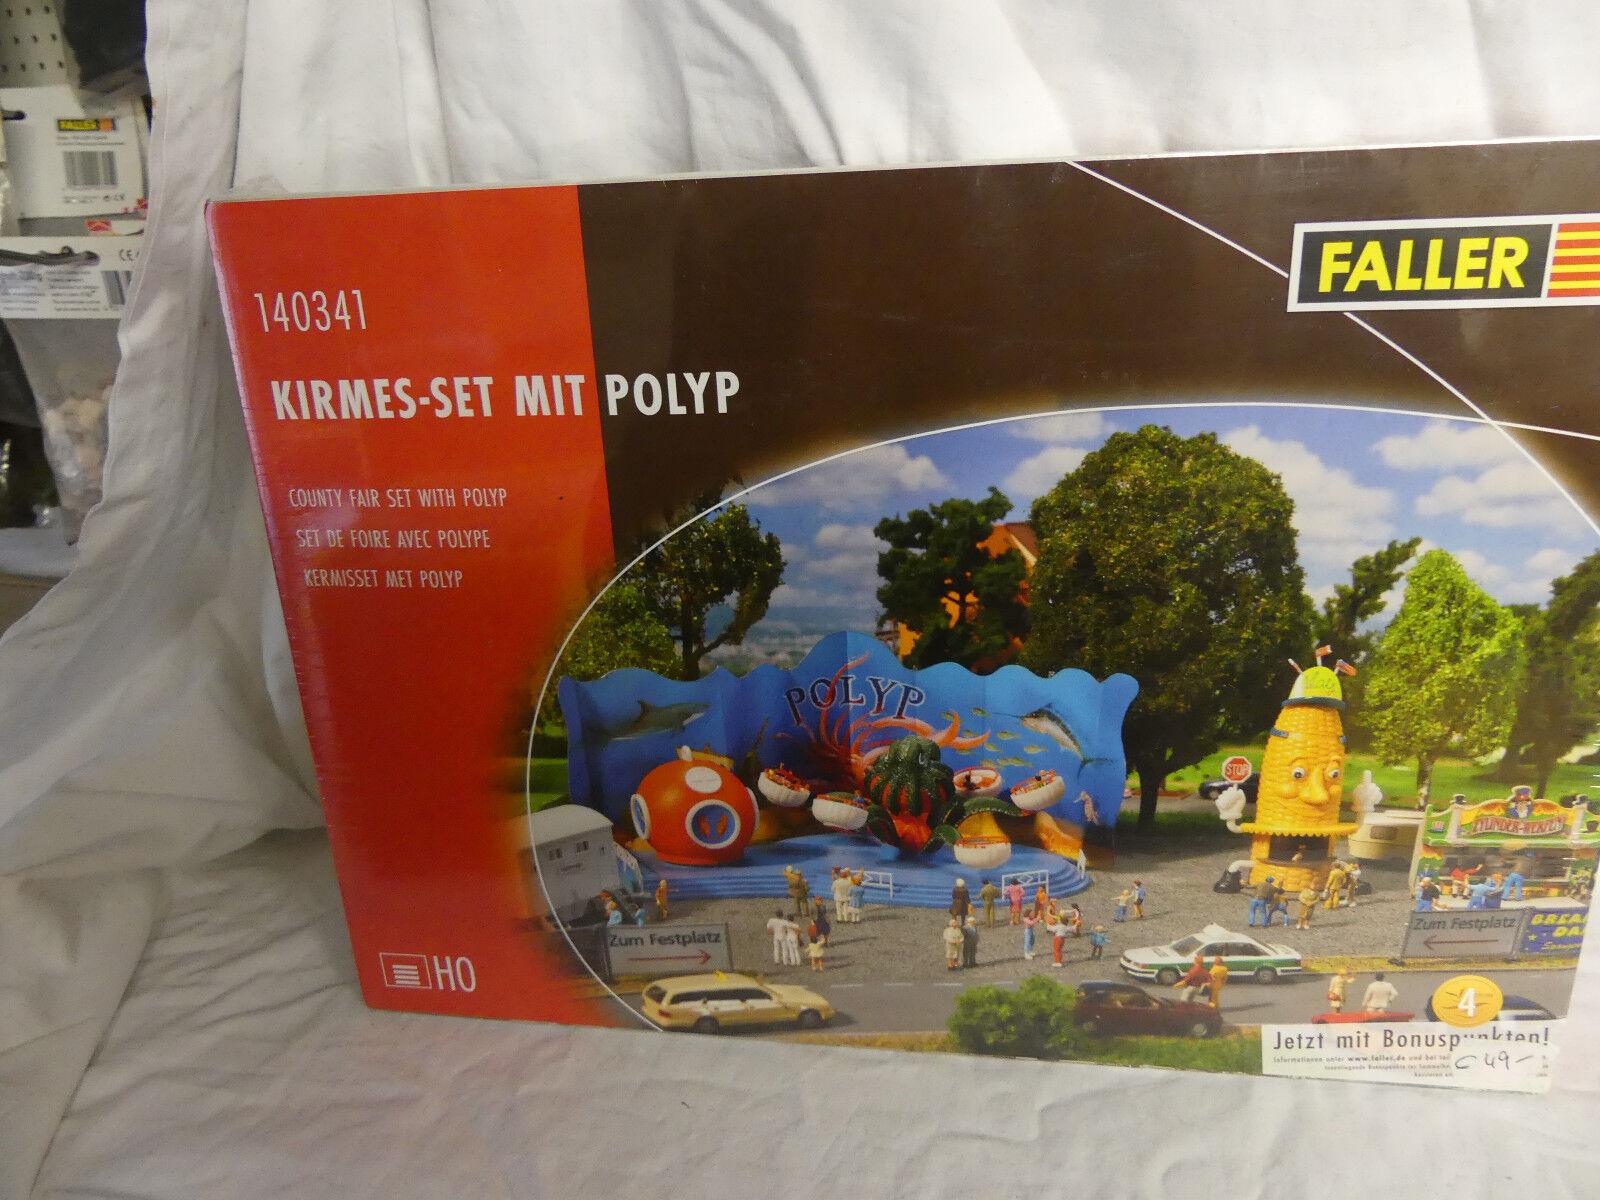 Vuelta de 10 dias Faller 140341 Kit  jugando juegos de video-set video-set video-set con polyp  en la caja original  el mas de moda